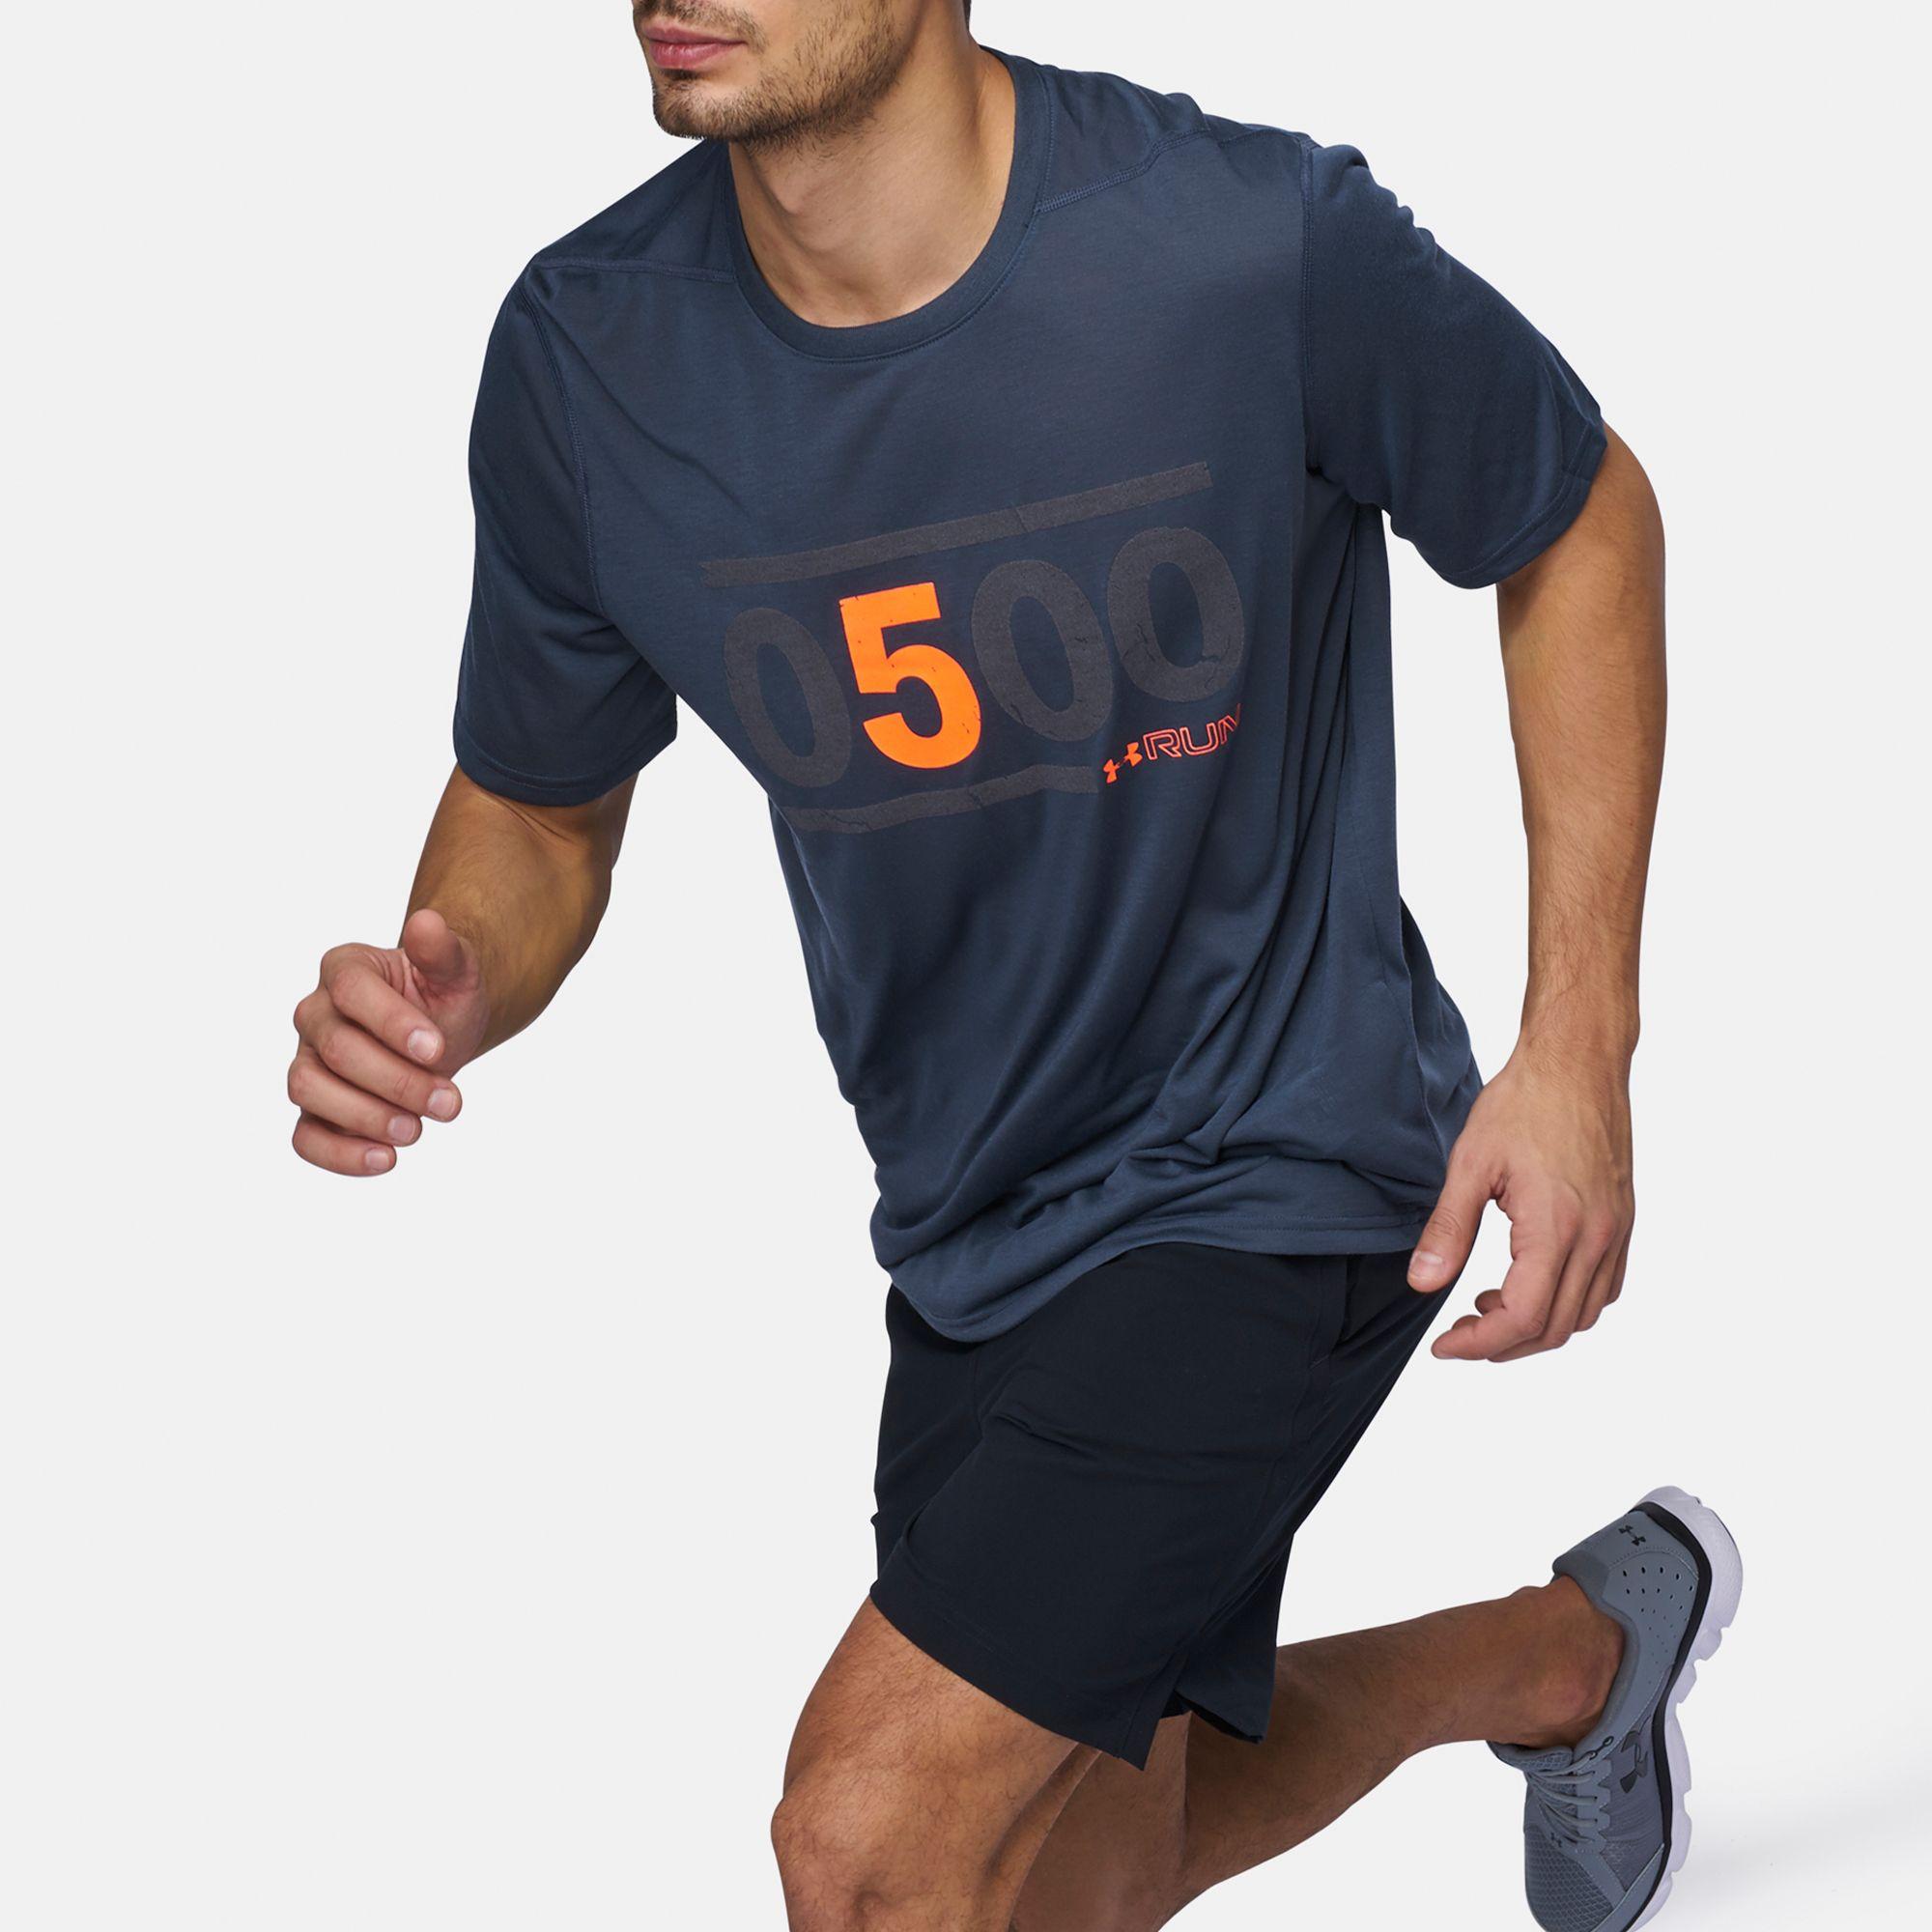 Under Armor Mens 5am Run T-Shirt